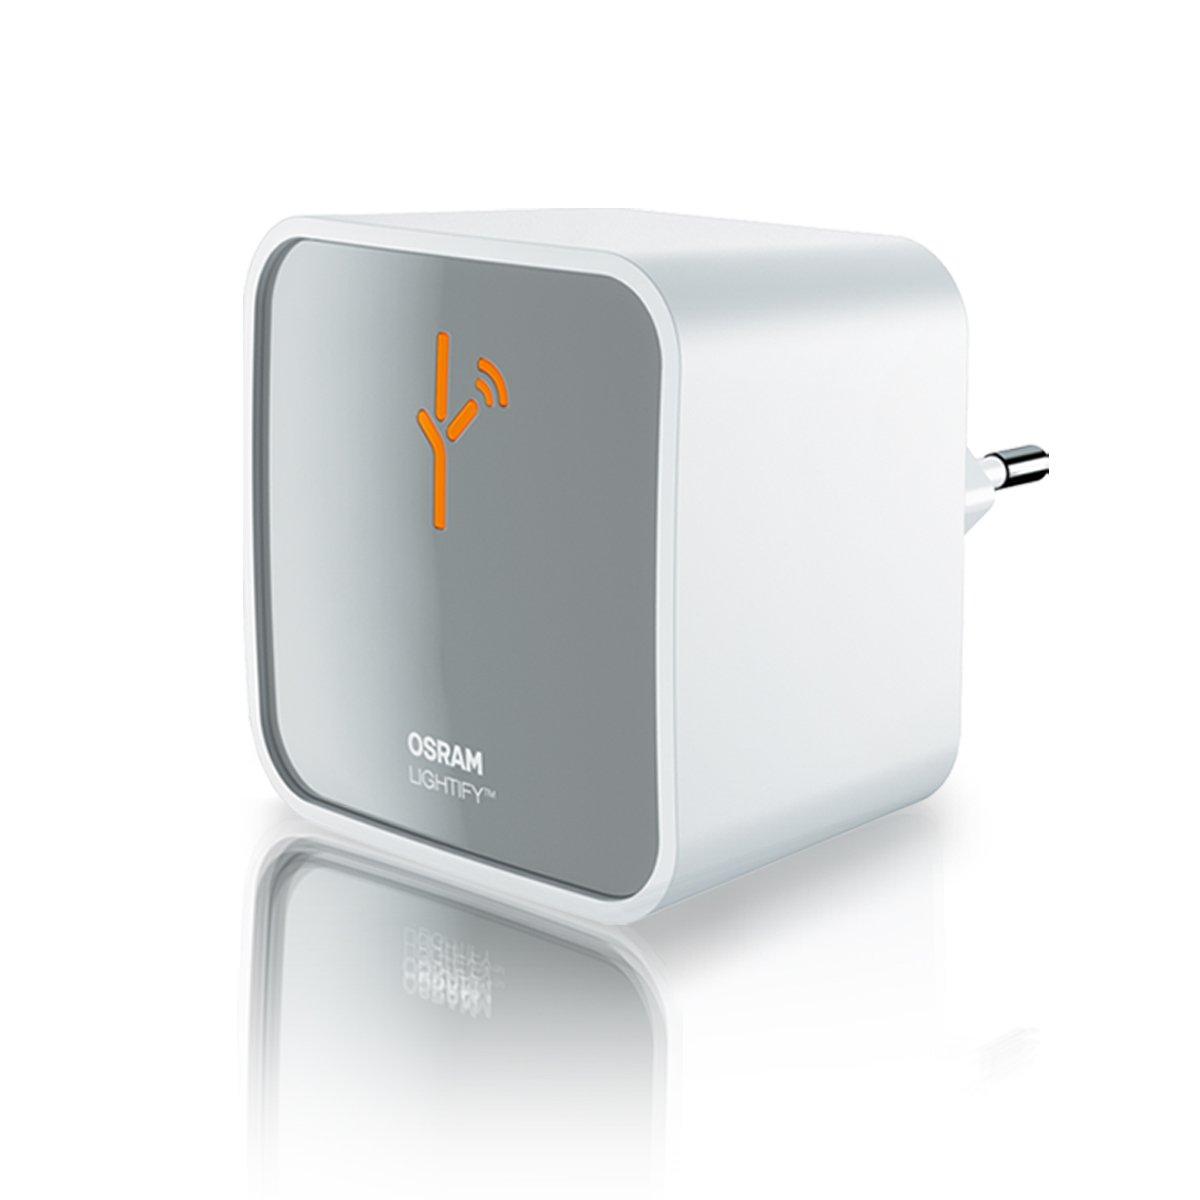 Osram Lightify Gateway Home- Controller zur Fernsteuerung, Als Remote- Schnittstelle für alle Lightify- Produkte, Kompatibel mit Alexa [Energieklasse A] Ledvance 4052899926172